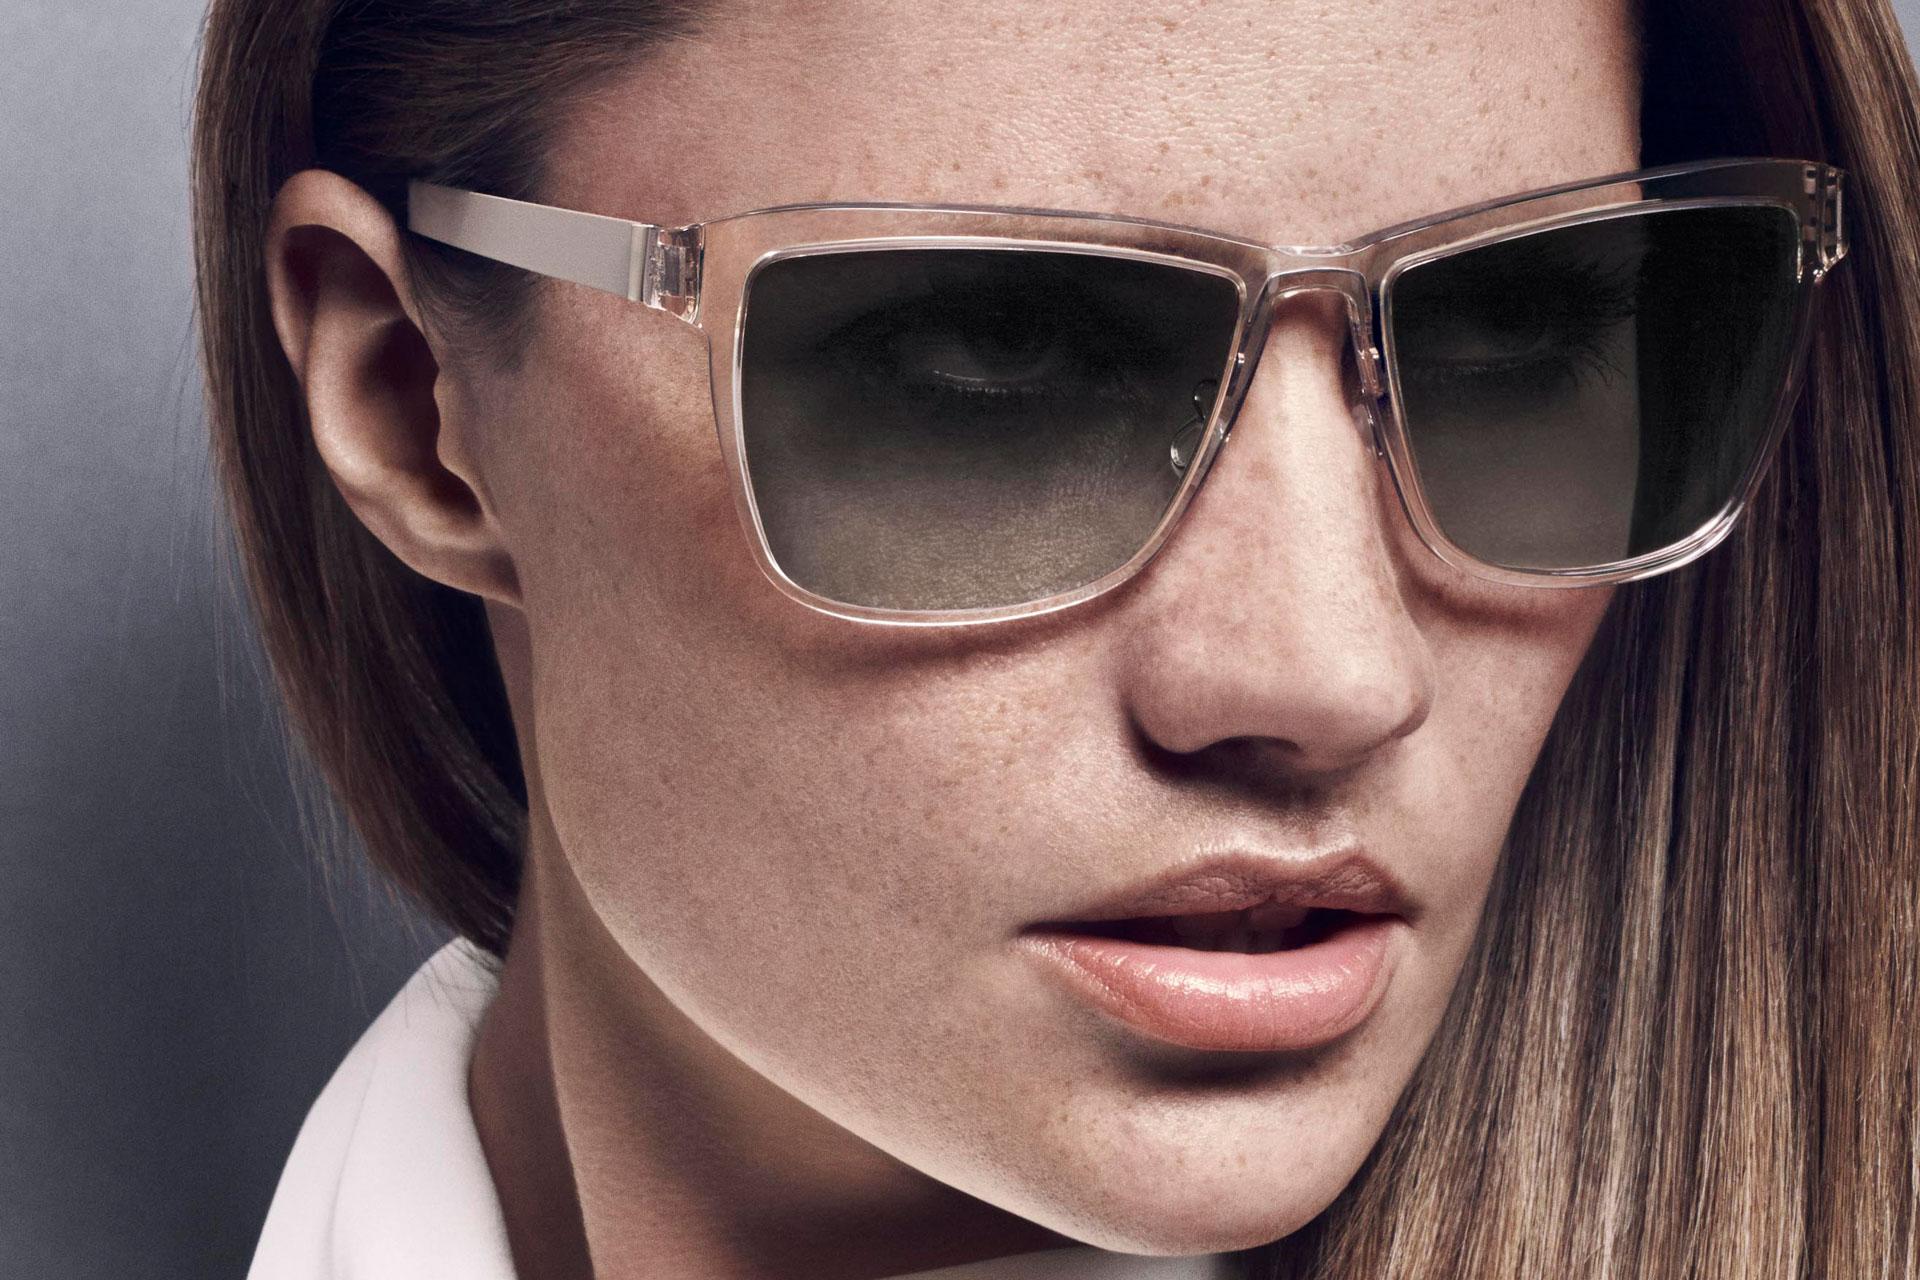 e547984a5f26e Simplicidade e elegância  Armações de óculos LINDBERG e lentes de óculos de  sol ZEISS - um sucesso de verão